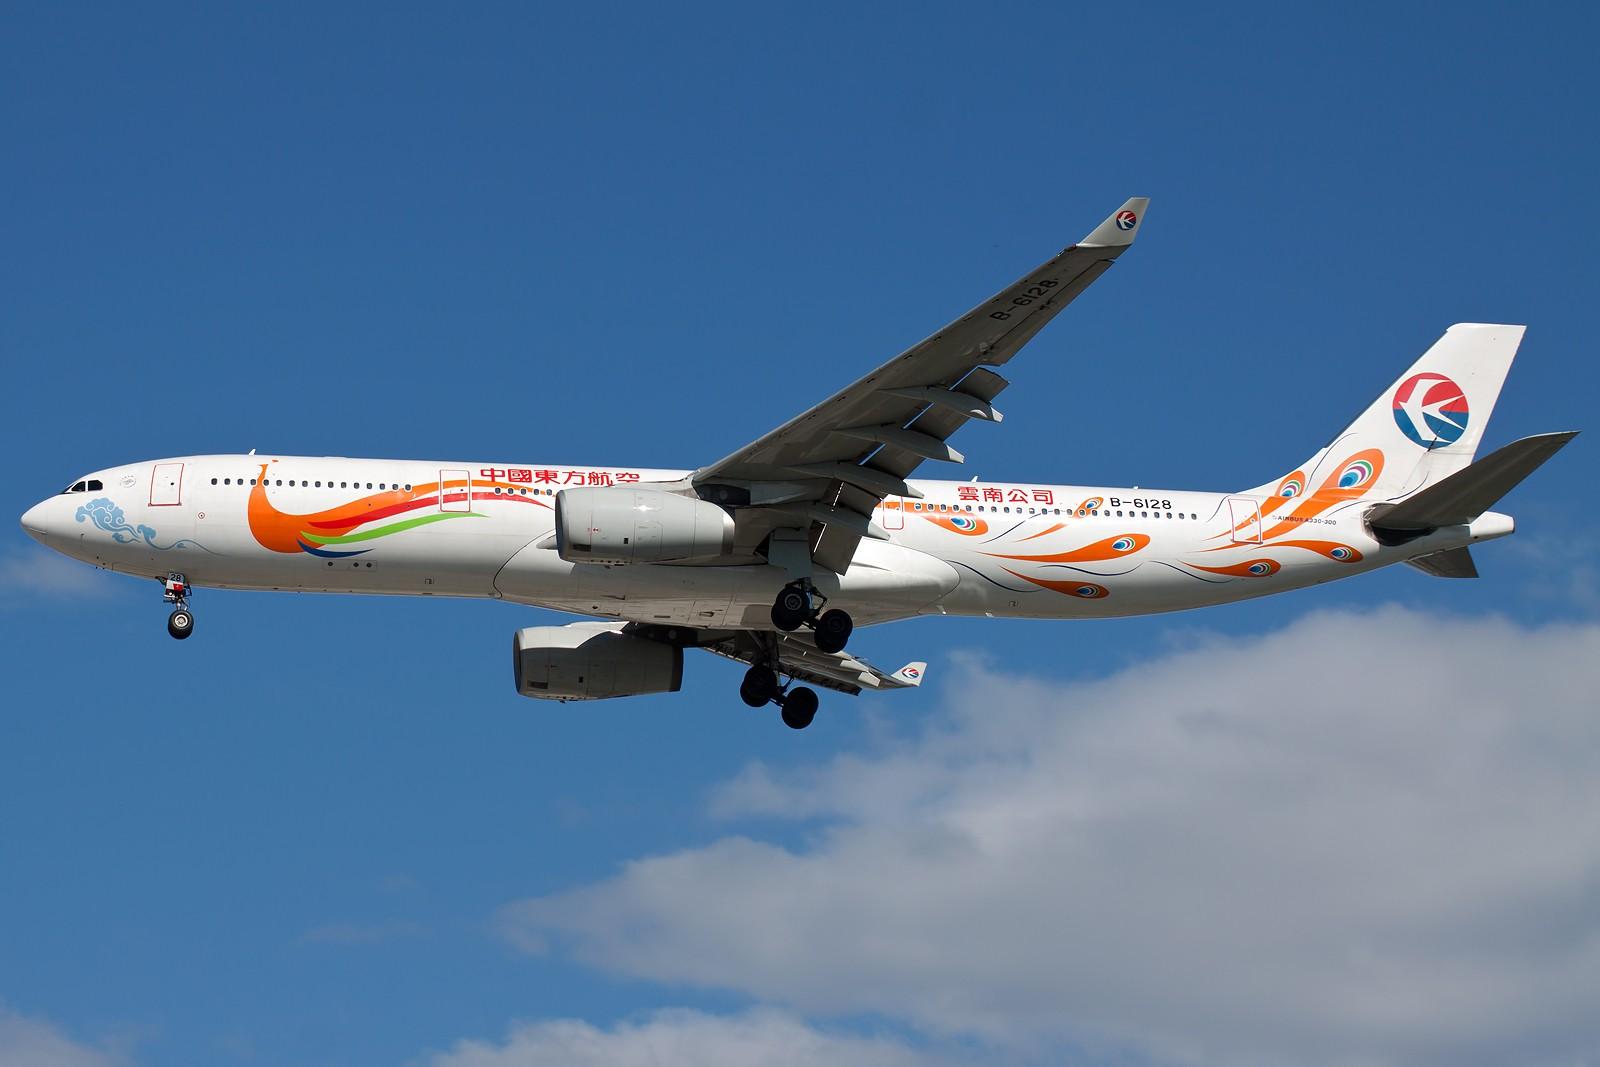 Re:[原创]求好天儿... [10pics] AIRBUS A330-300 B-6128 中国北京首都国际机场